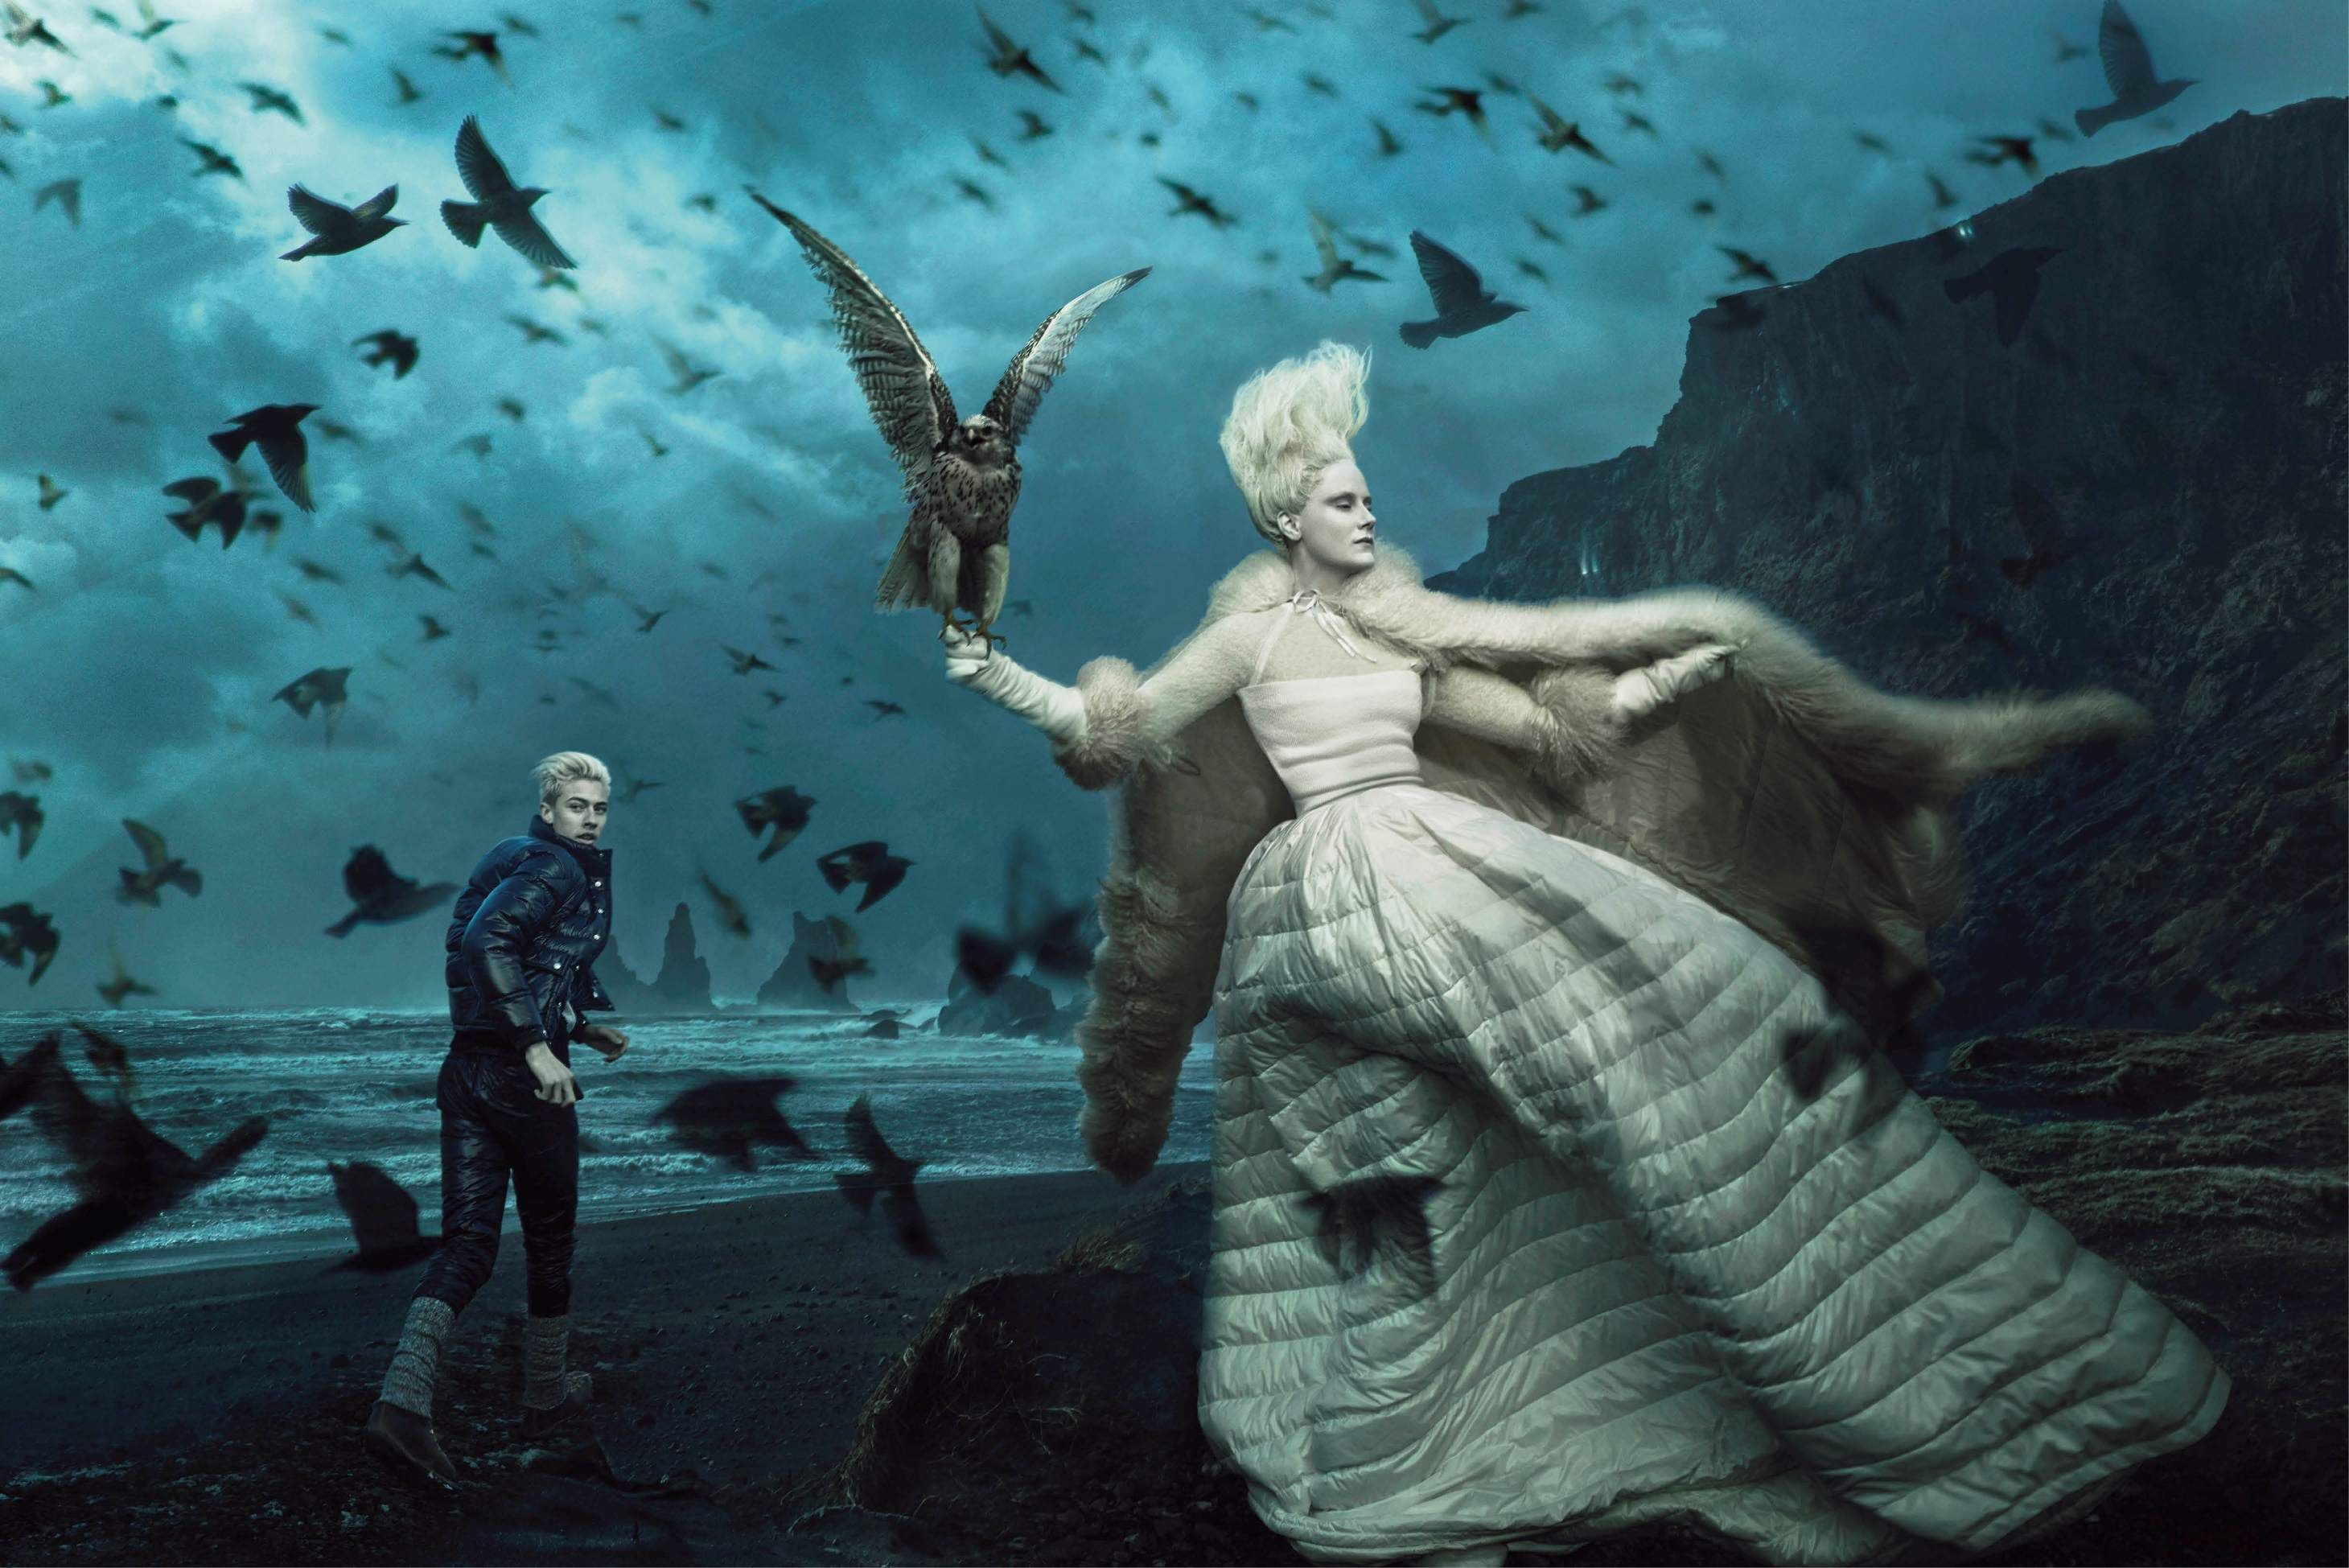 Annie Leibovitz – Fairy tale